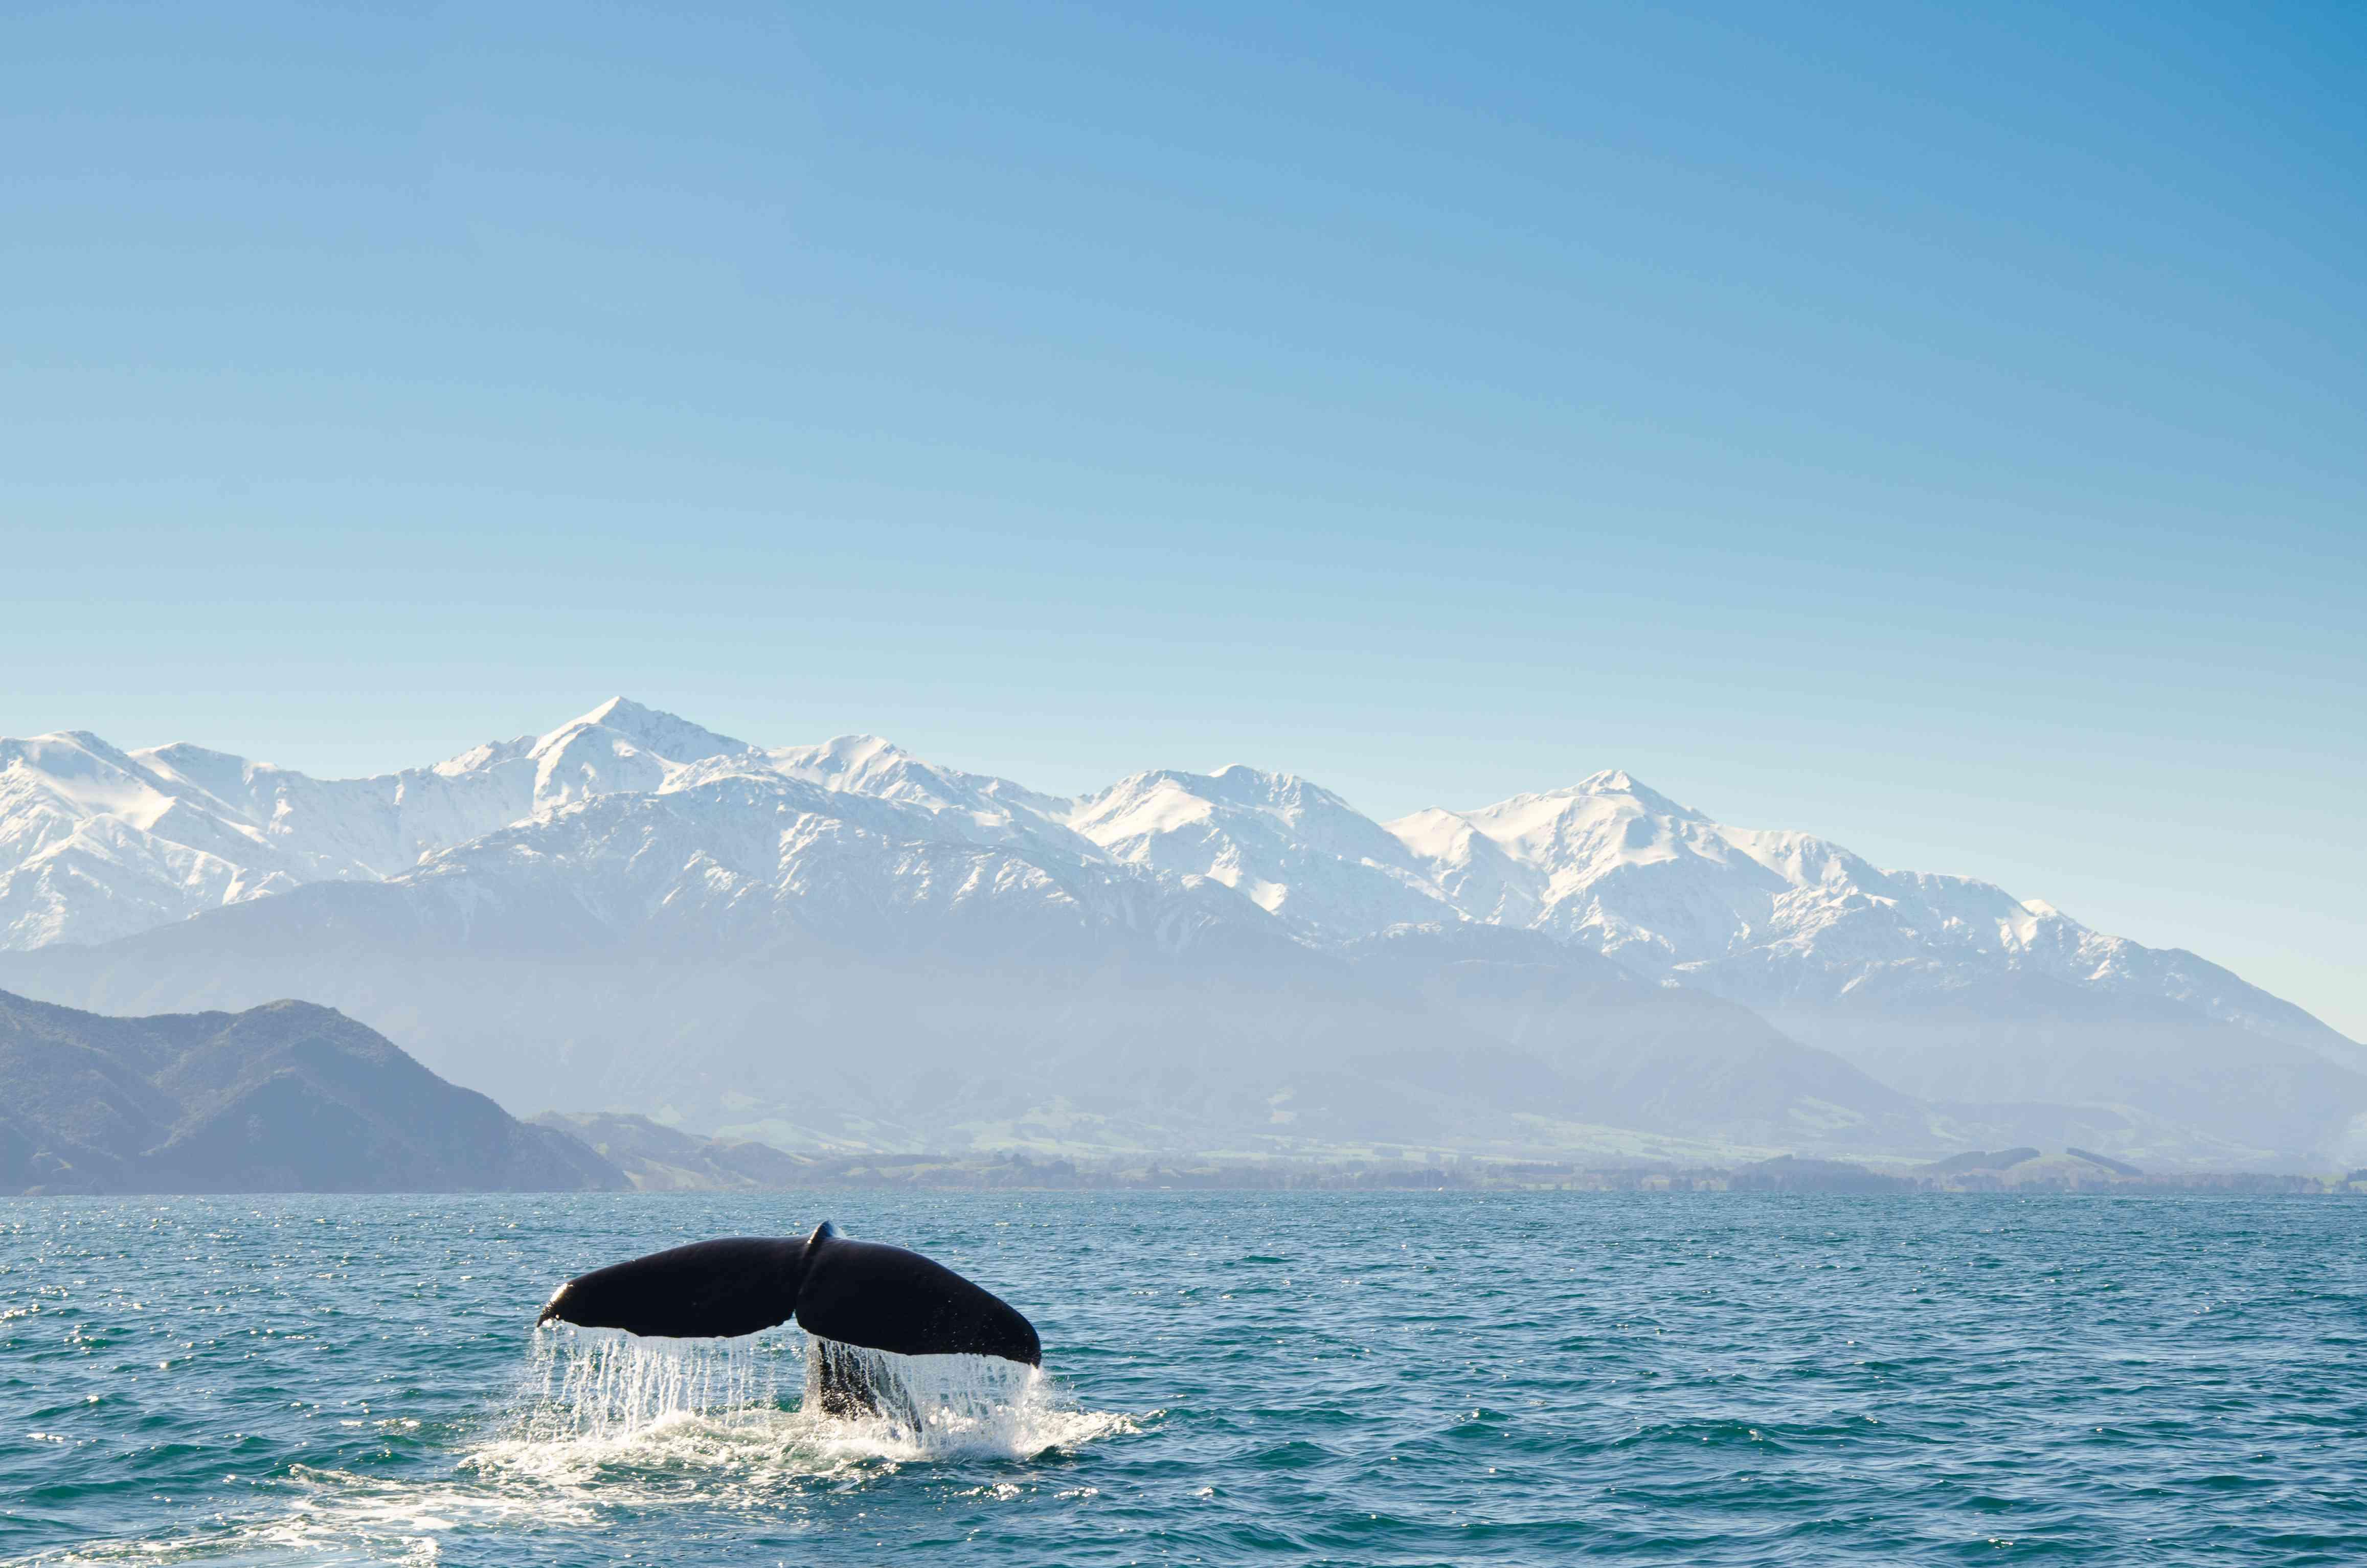 Nueva Zelanda, Canterbury, Kaikoura, Vista de la aleta caudal de las ballenas